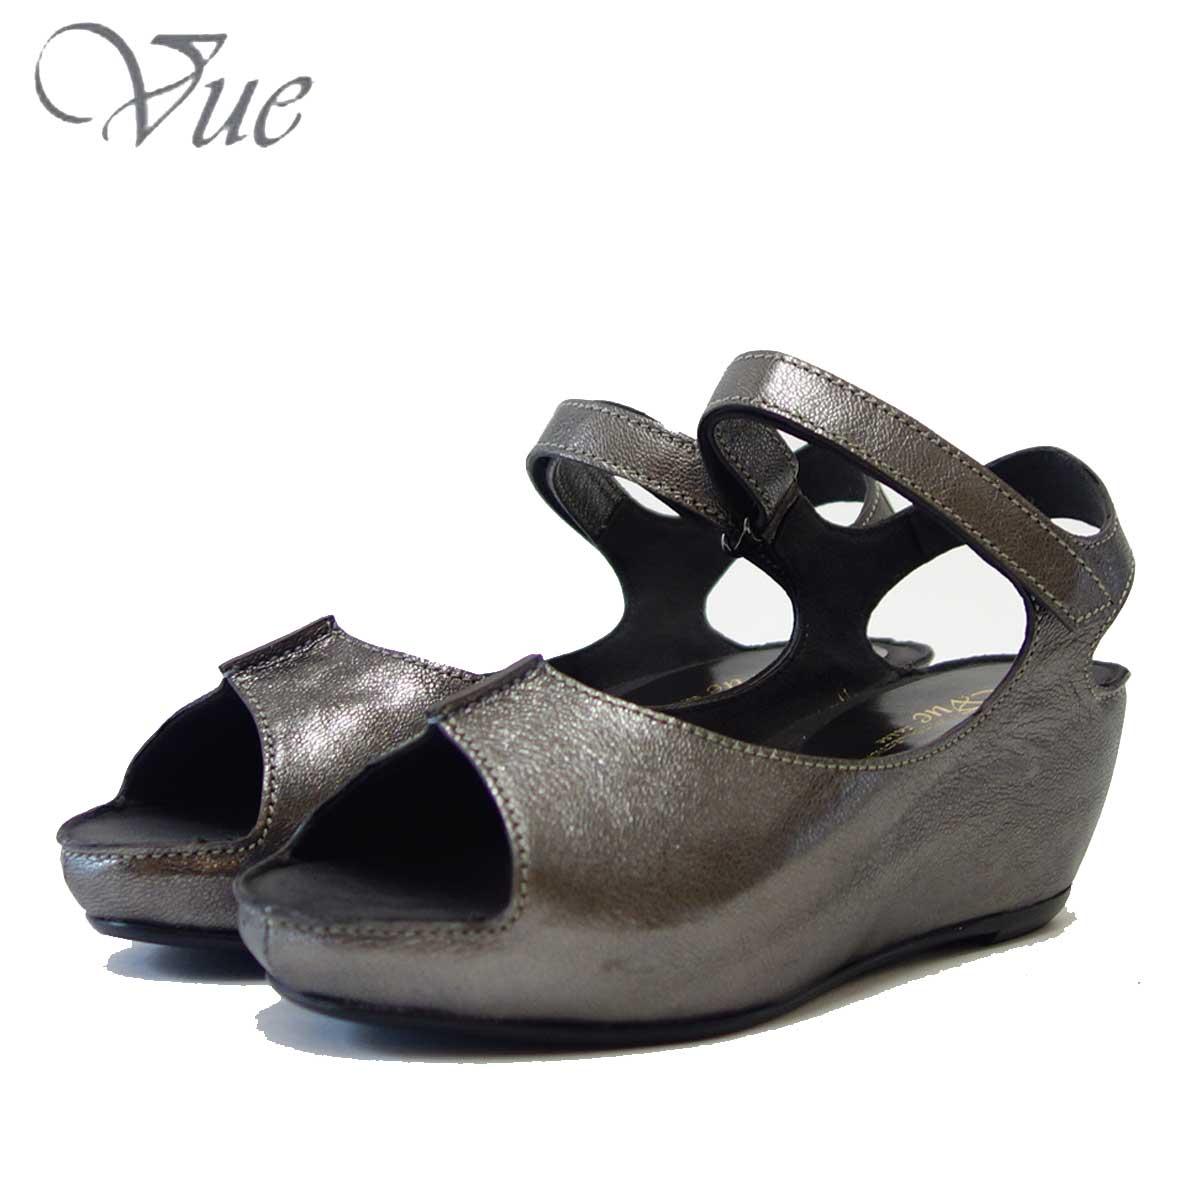 Vue ビュー EIZO Collection 53577 エタン オープントゥ ウェッジサンダル 「靴」